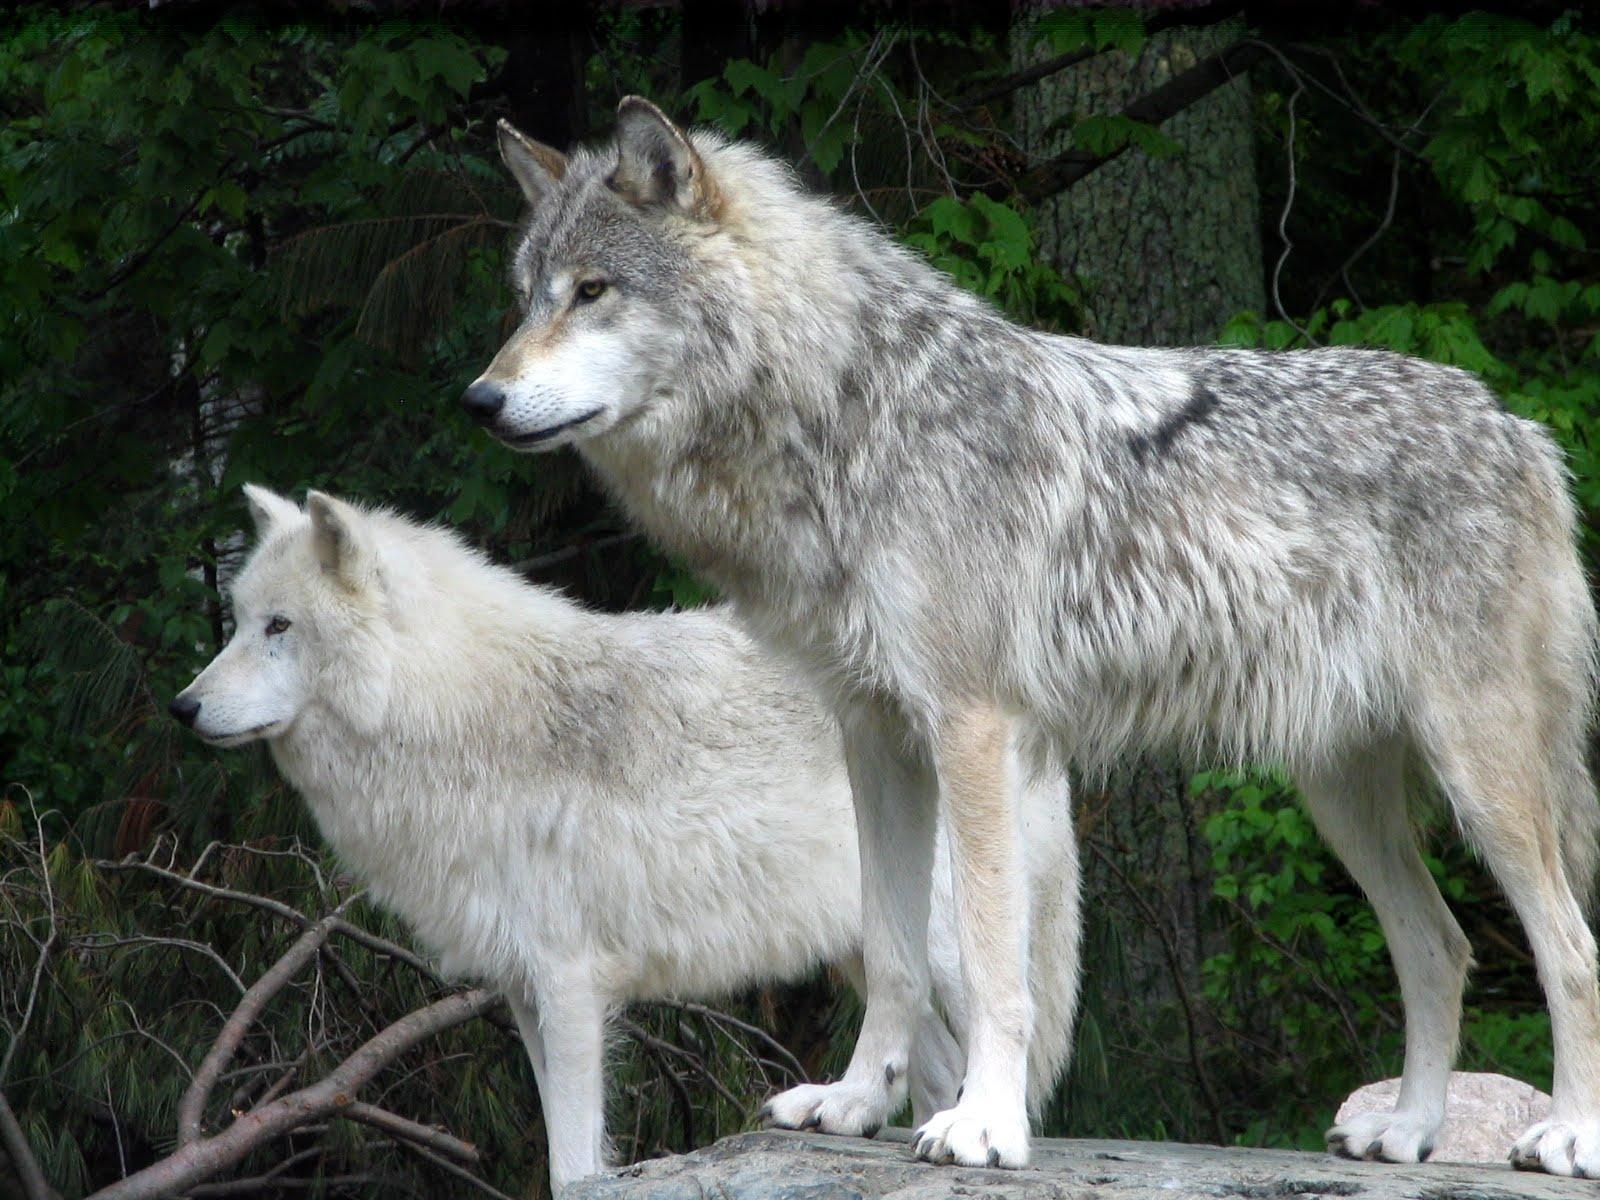 dari jauh kumpulan serigala mengamati para rusa - dongeng nusantara